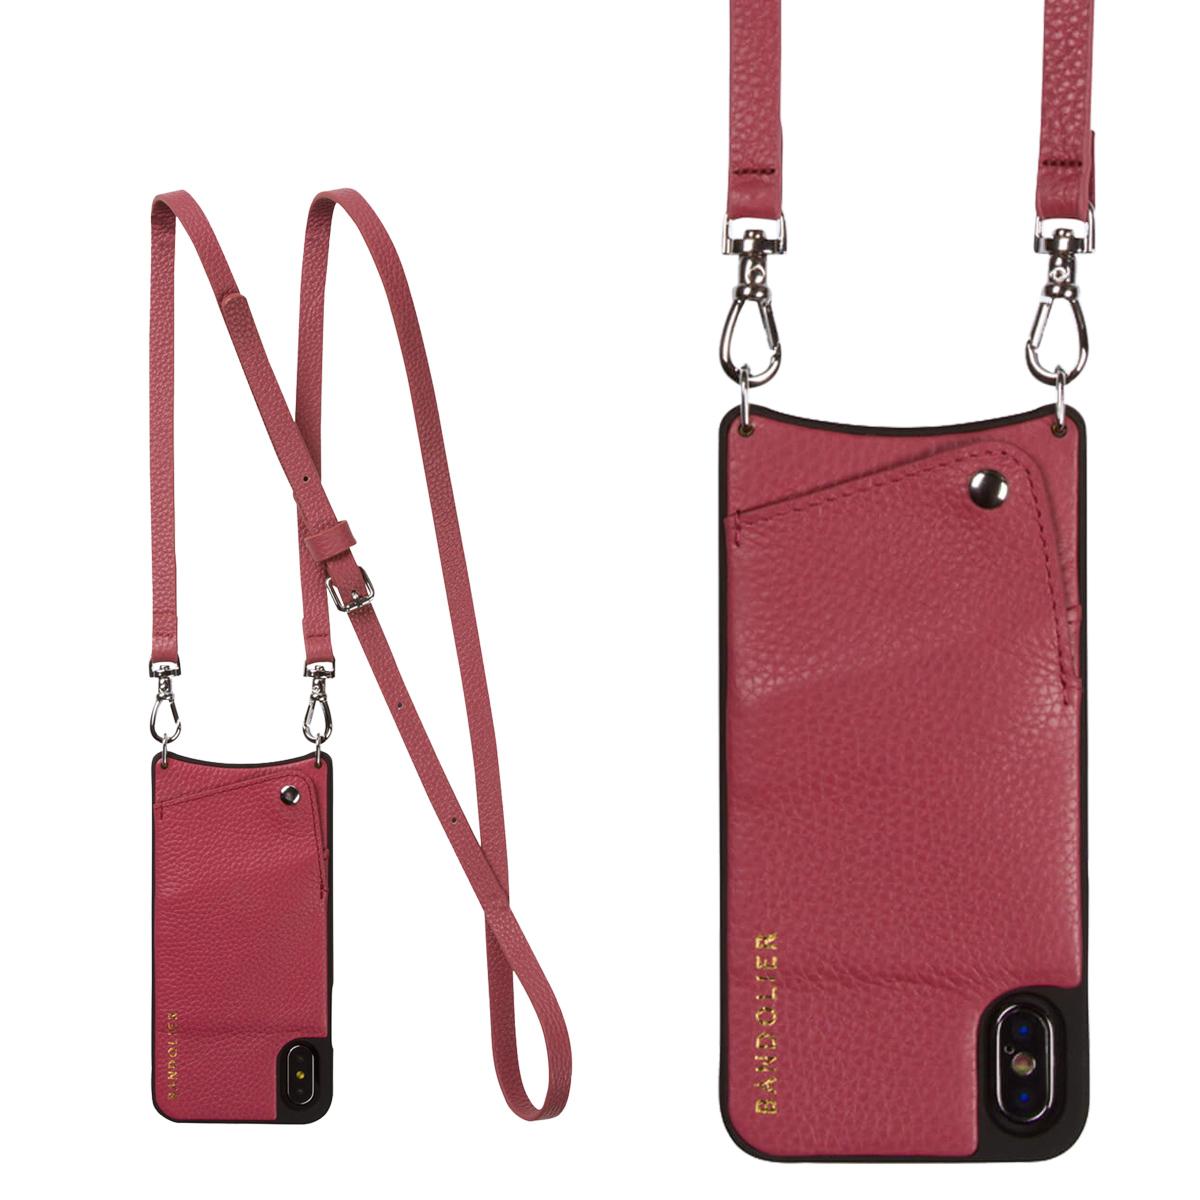 BANDOLIER iPhone XS MAX EMMA MAGENTA RED バンドリヤー ケース ショルダー スマホ アイフォン レザー メンズ レディース マゼンタ レッド 10EMM1001 [4/18 再入荷][194]